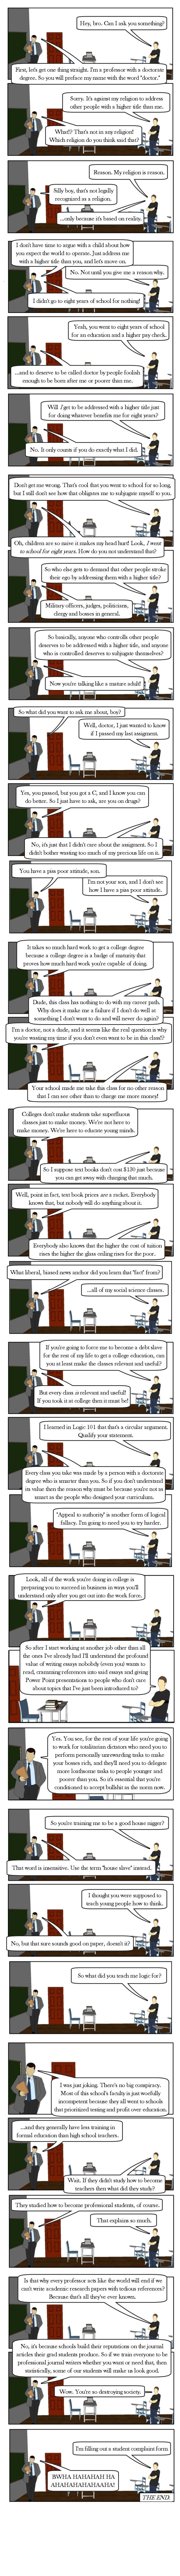 (Comic) How Universities Work